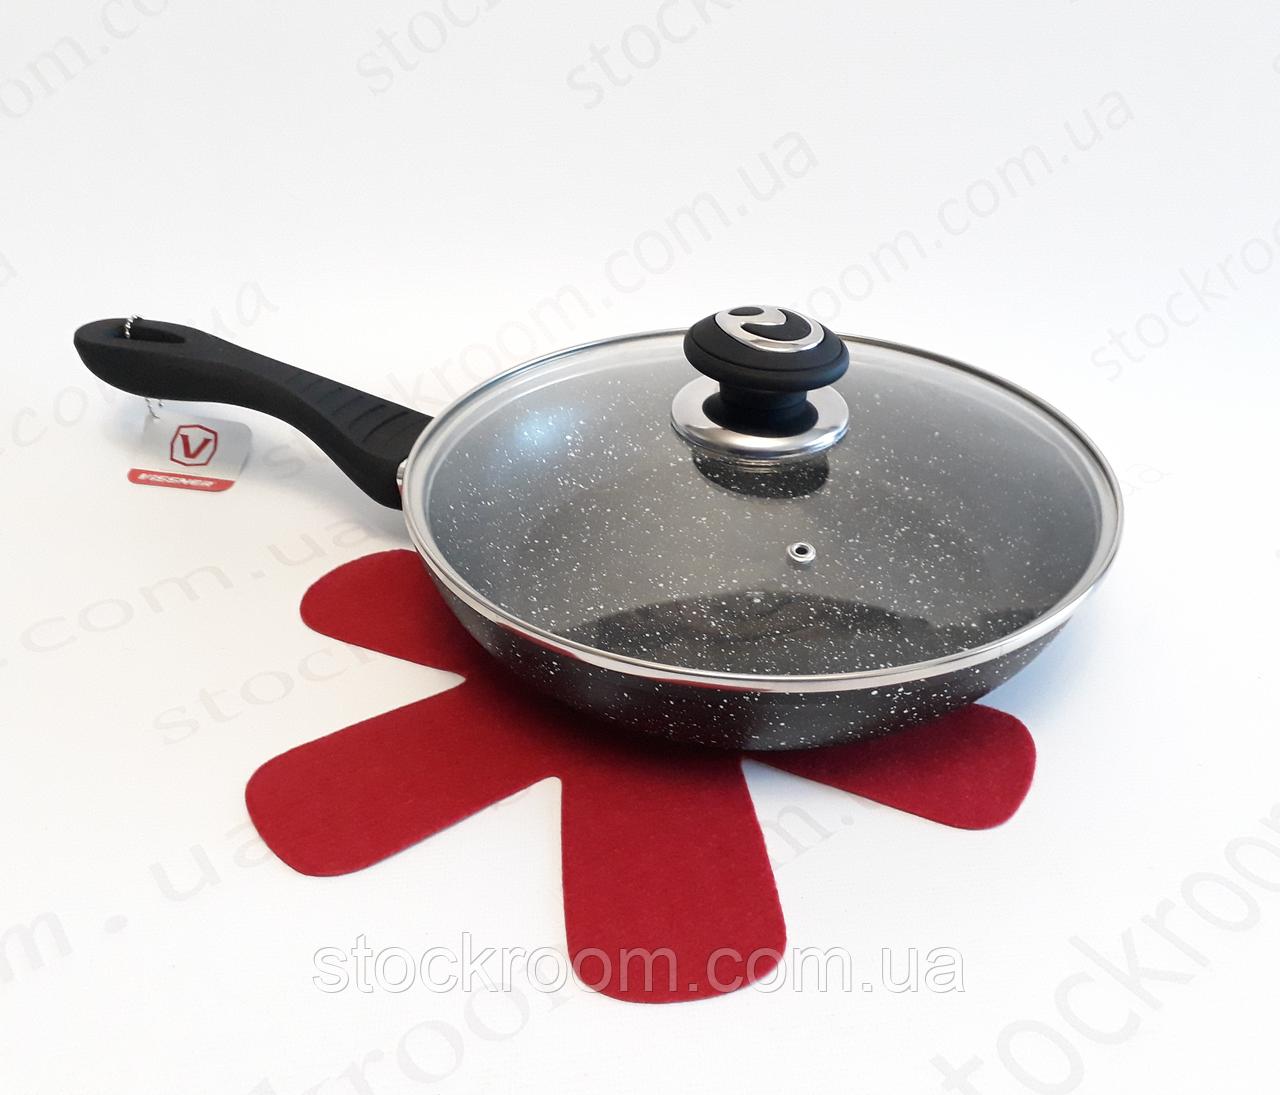 Сковорода Vissner VS 7550-26 с мраморным покрытием